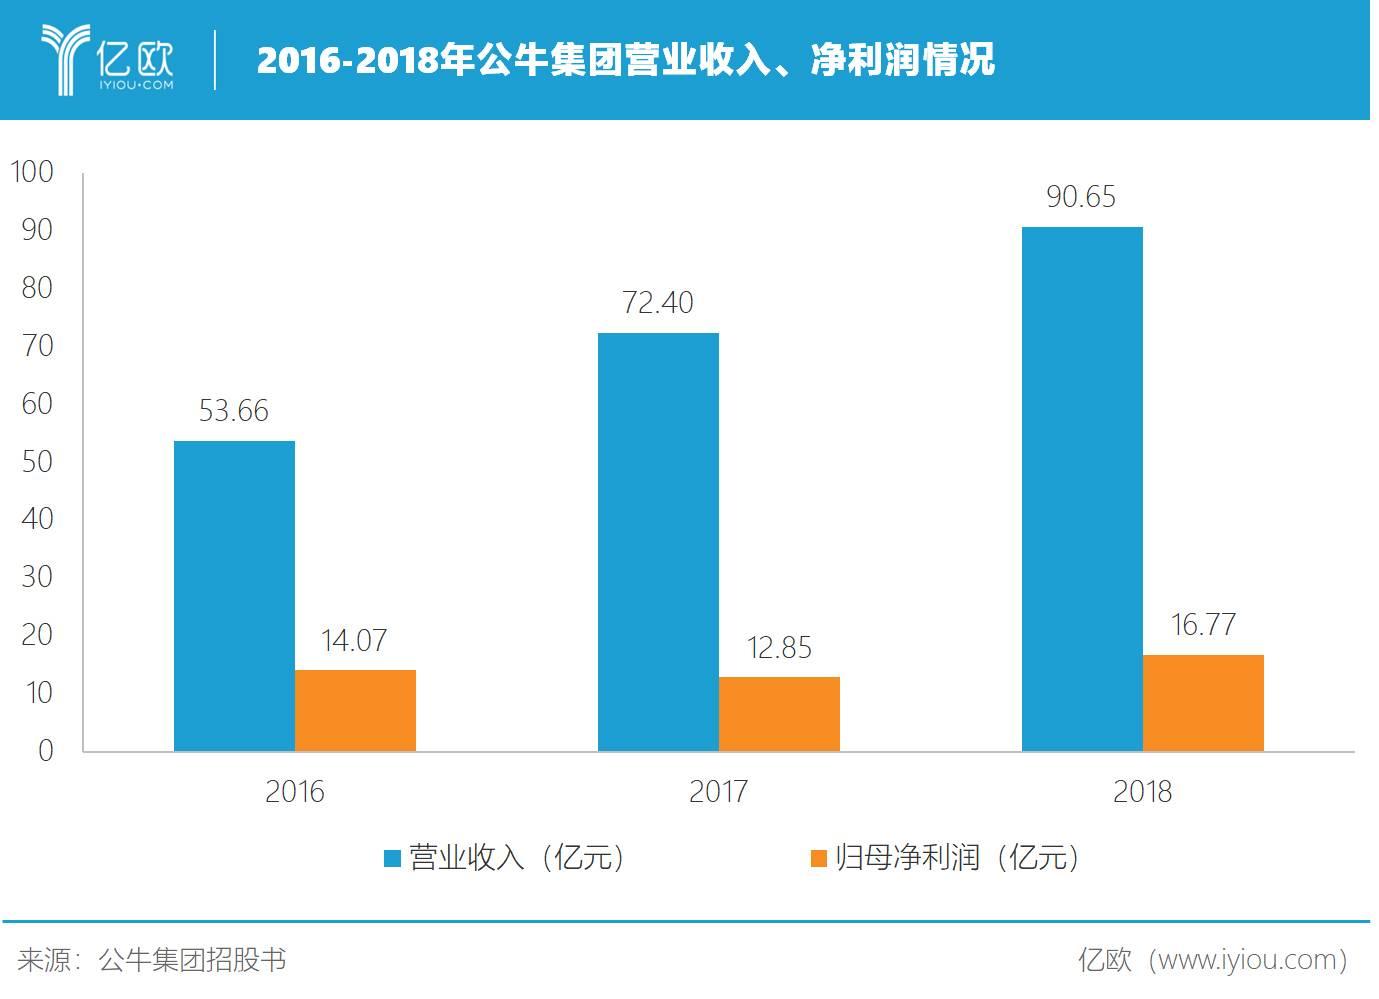 2016-2018年公牛集团营业收入、净利润情况